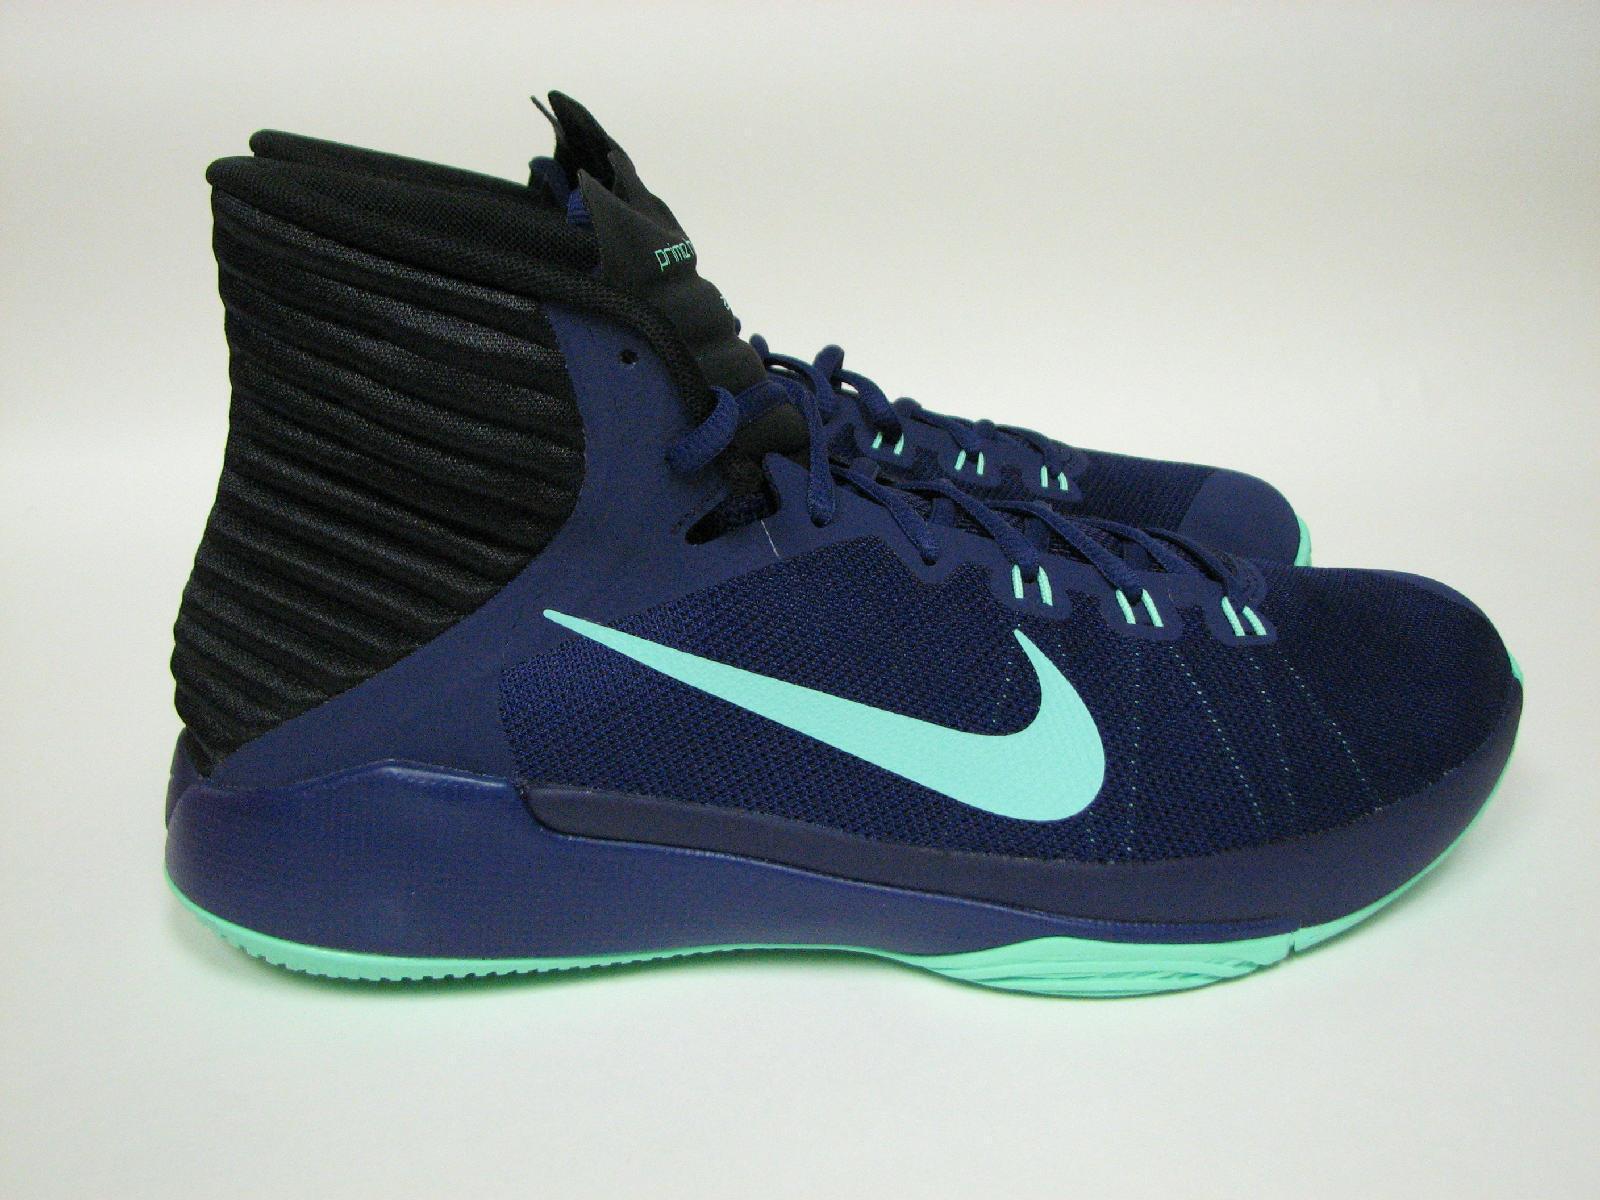 Nike 844787 Prime Hype DF 2018 844787 Nike Azul 402 GRN Tela Para hombres Baloncesto Zapatos bf5b04